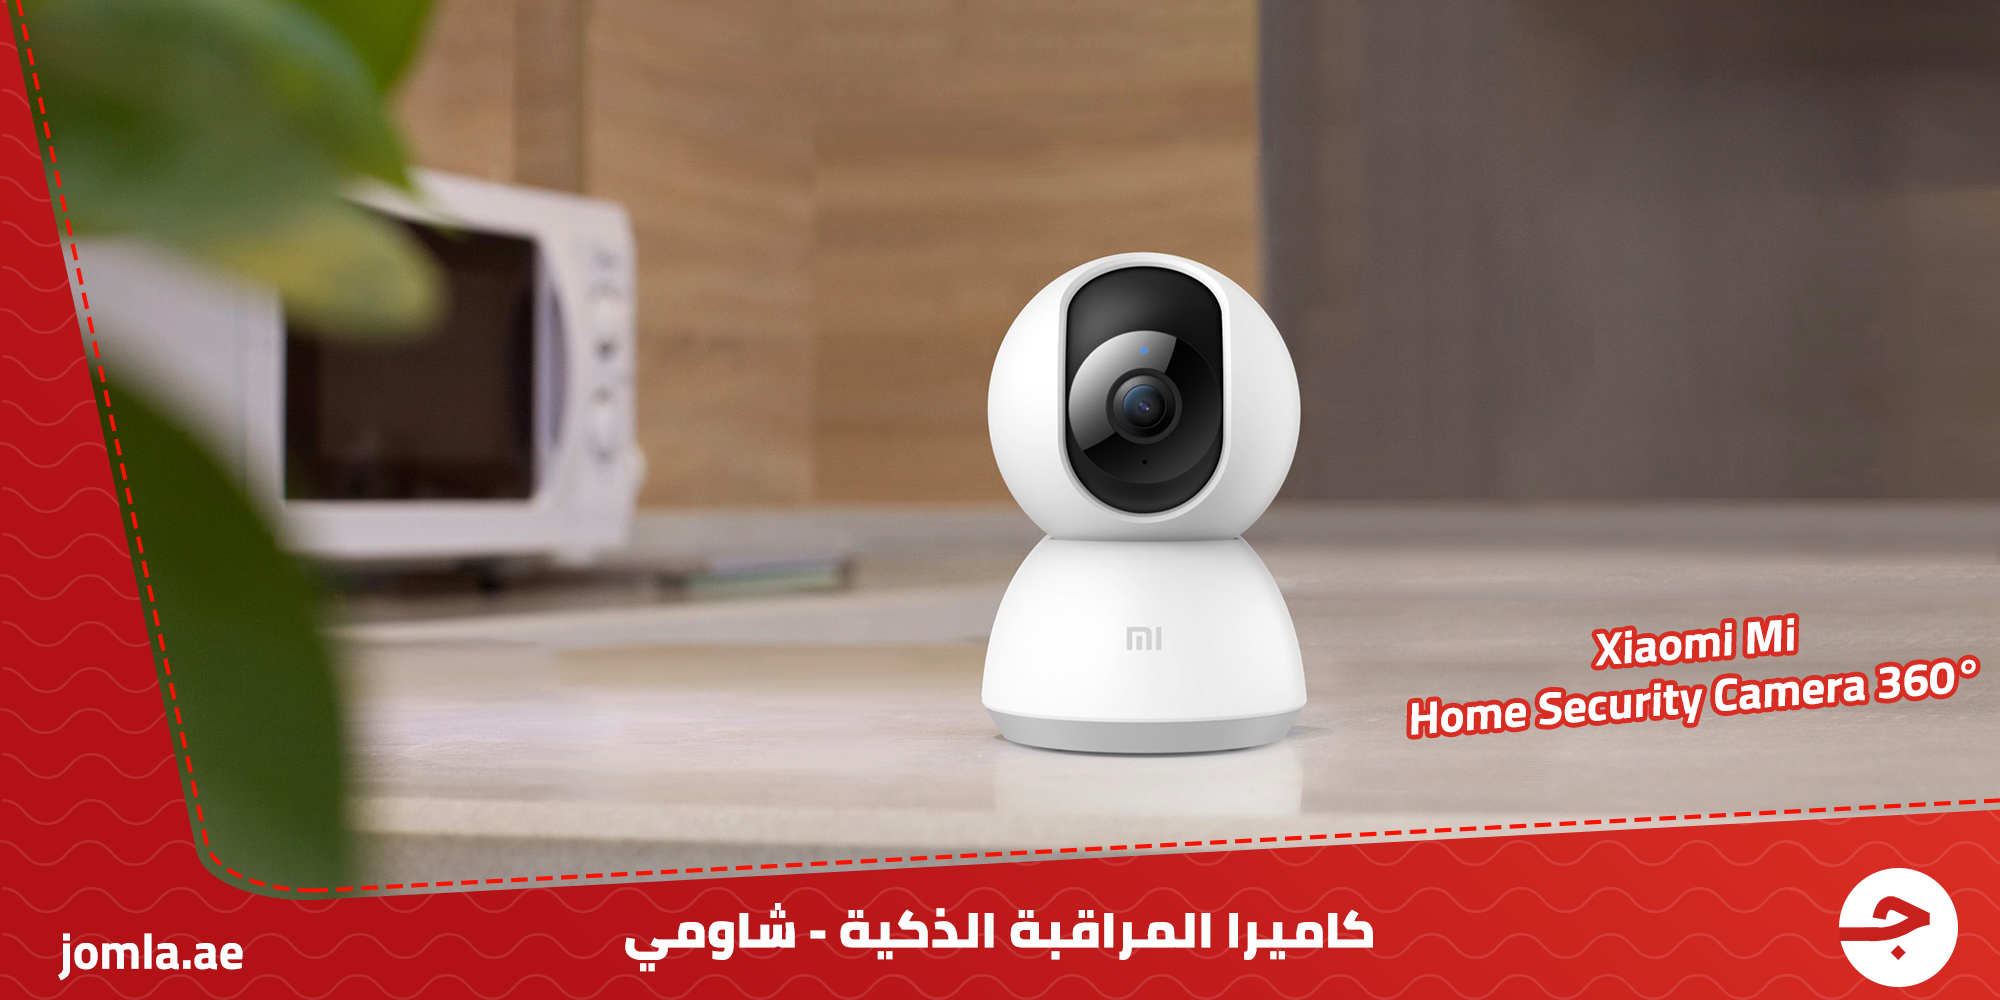 كاميرا المراقبة الذكية - شاومي ، Mi Home Security Camera أفضل كميرات المراقبة